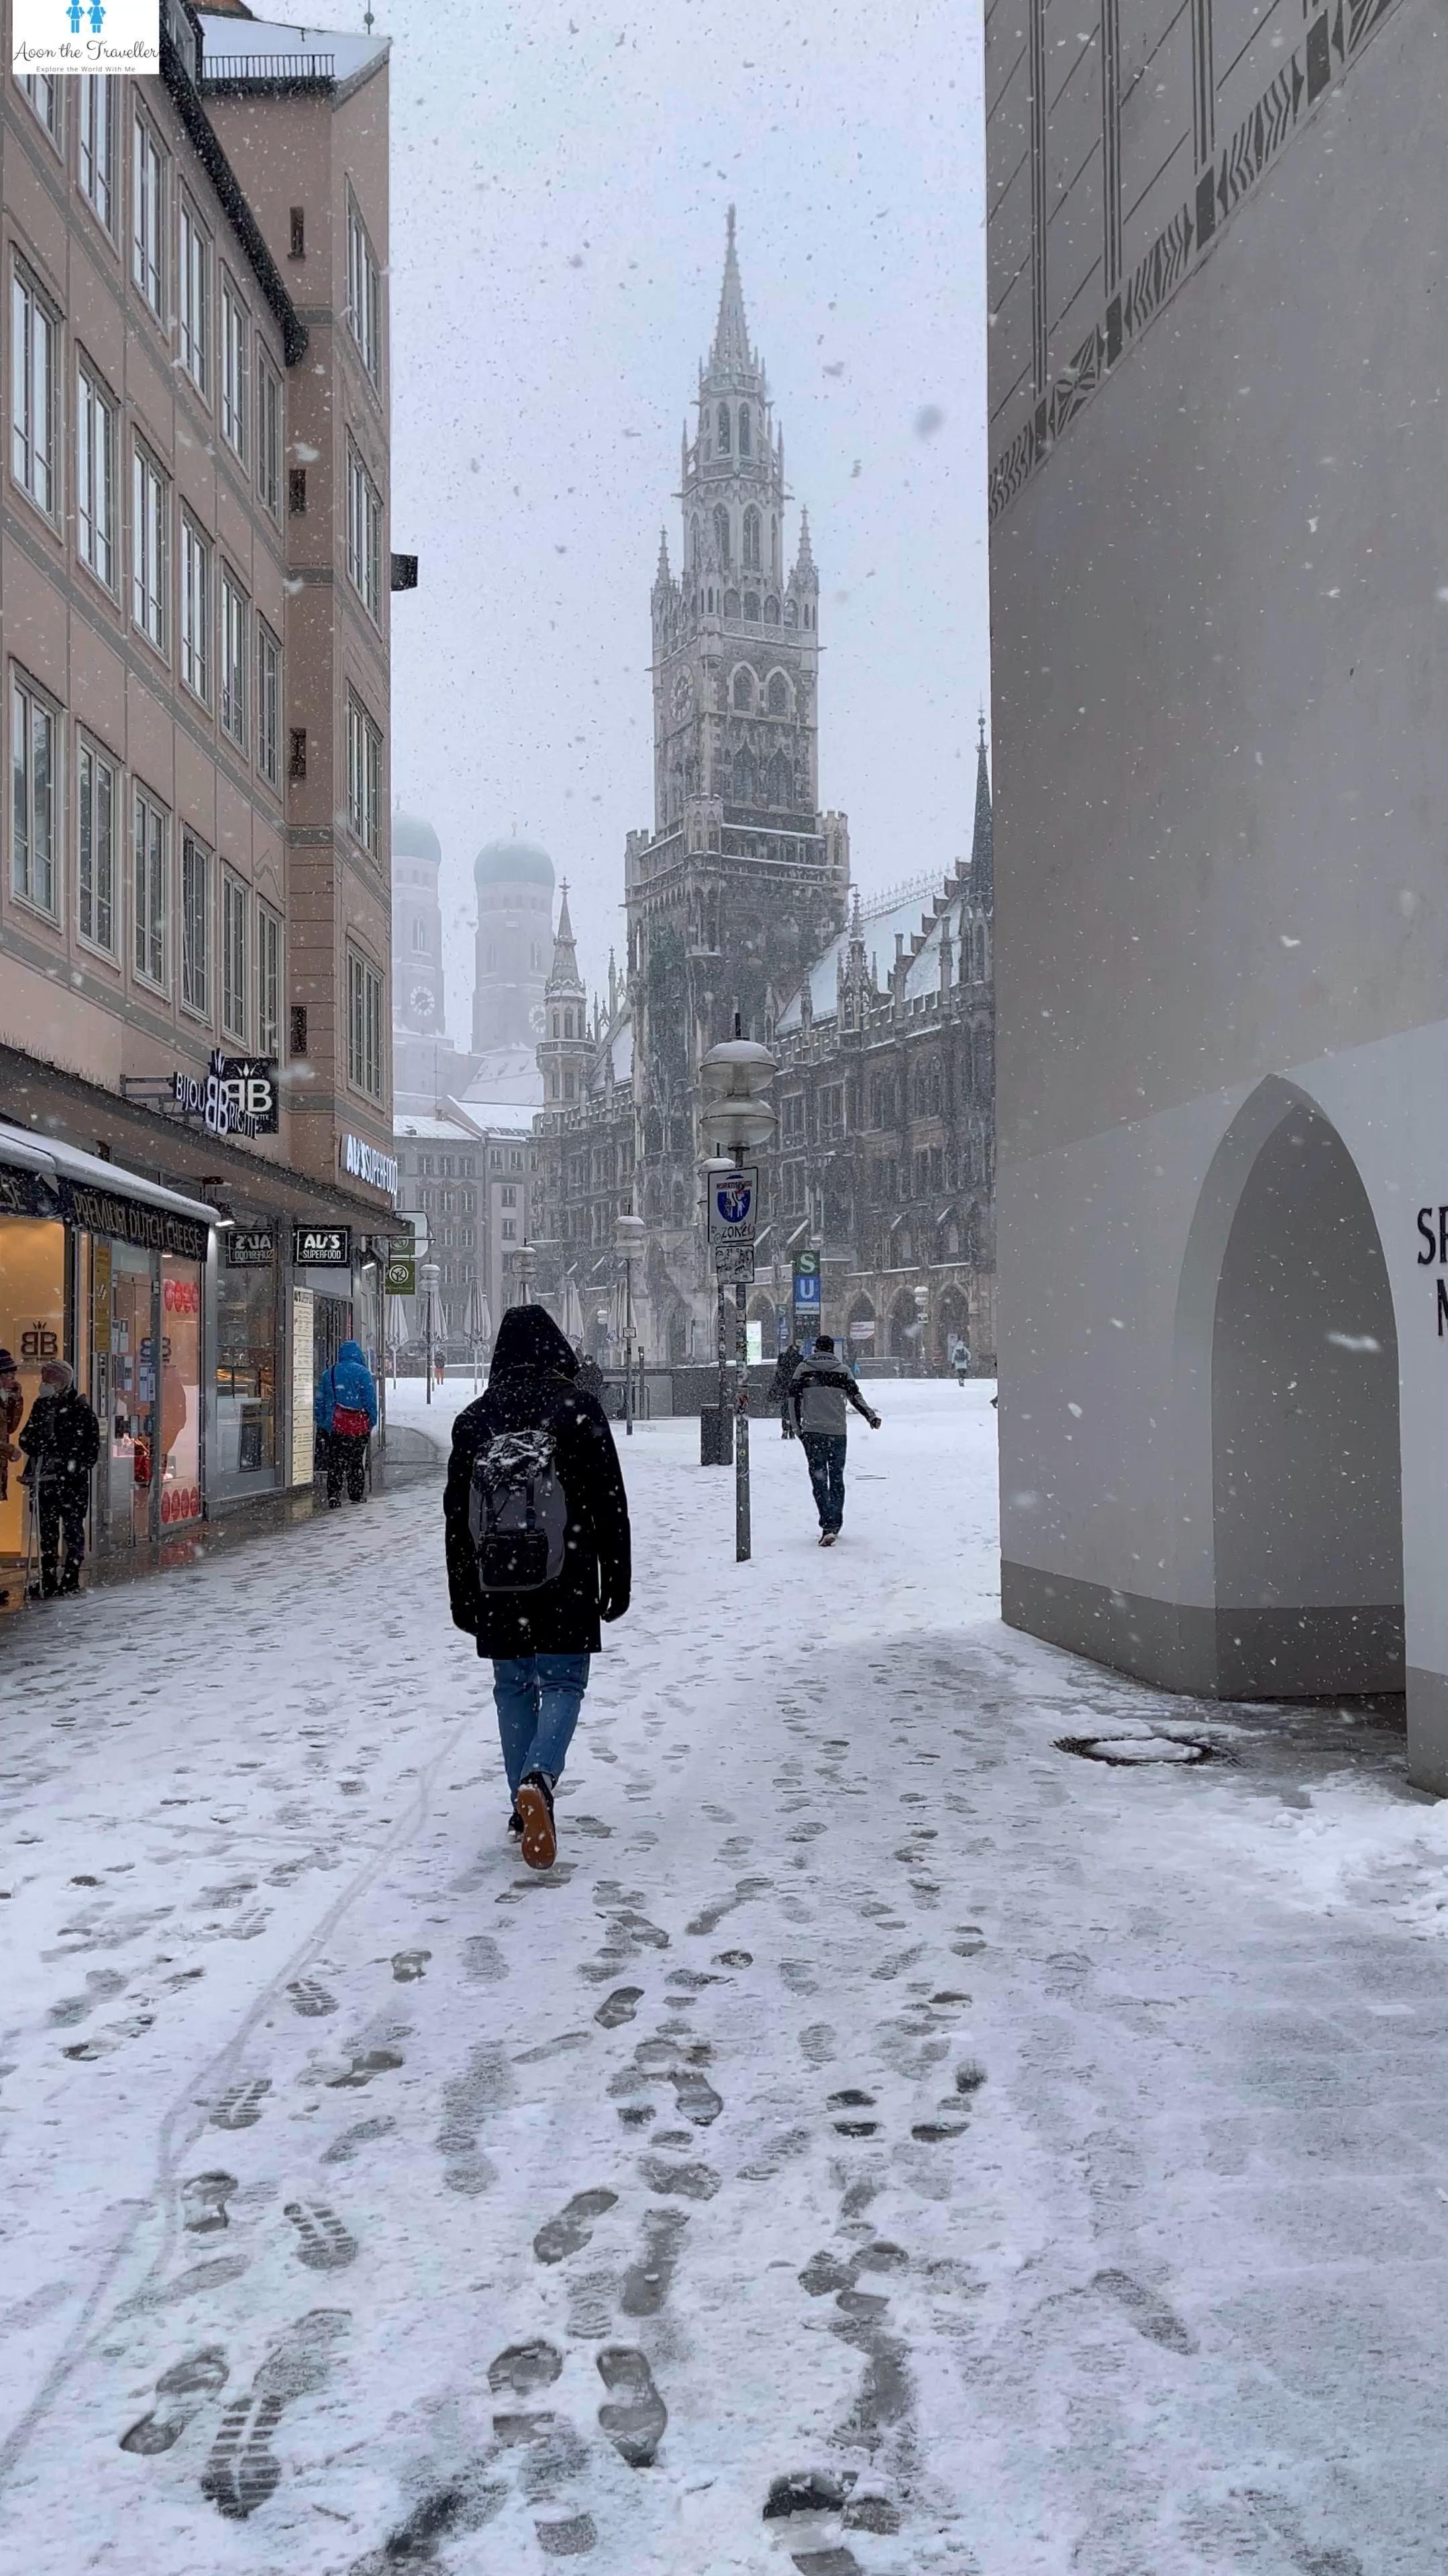 Munich, Germany 🇩🇪